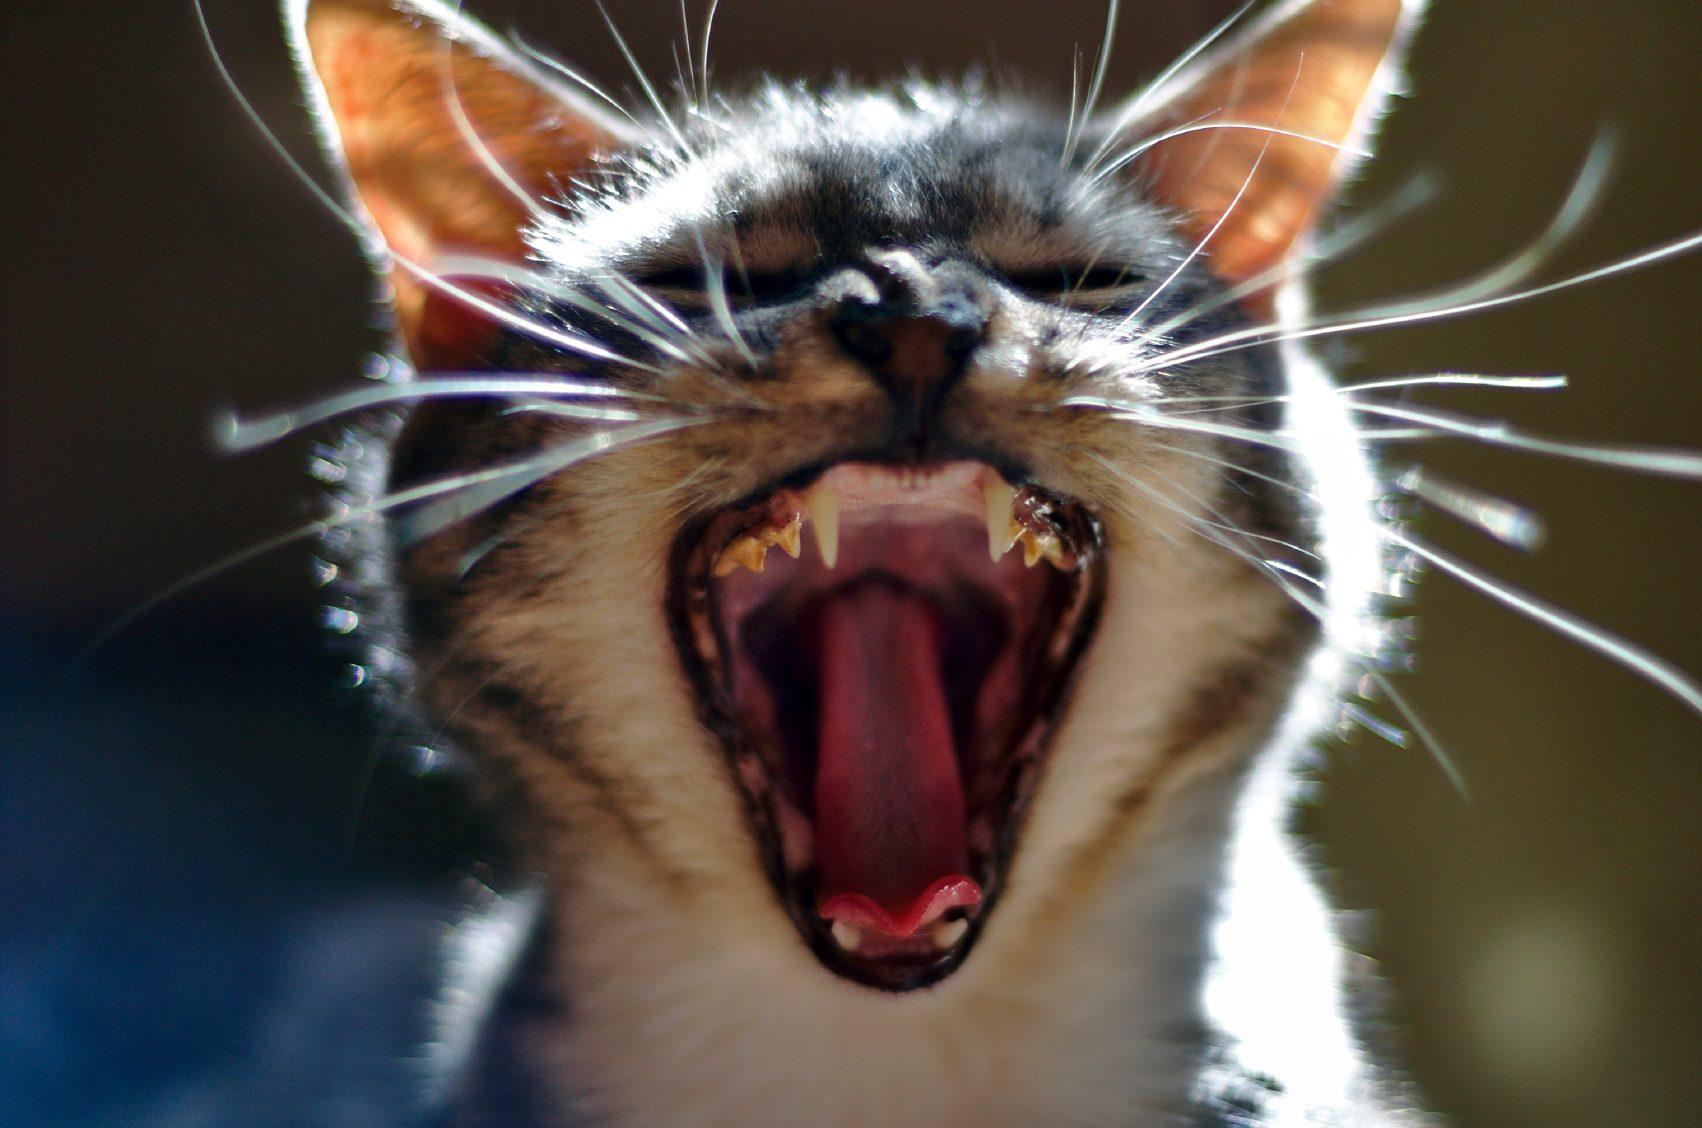 Le chat nettoie ses dents avec de la viande.